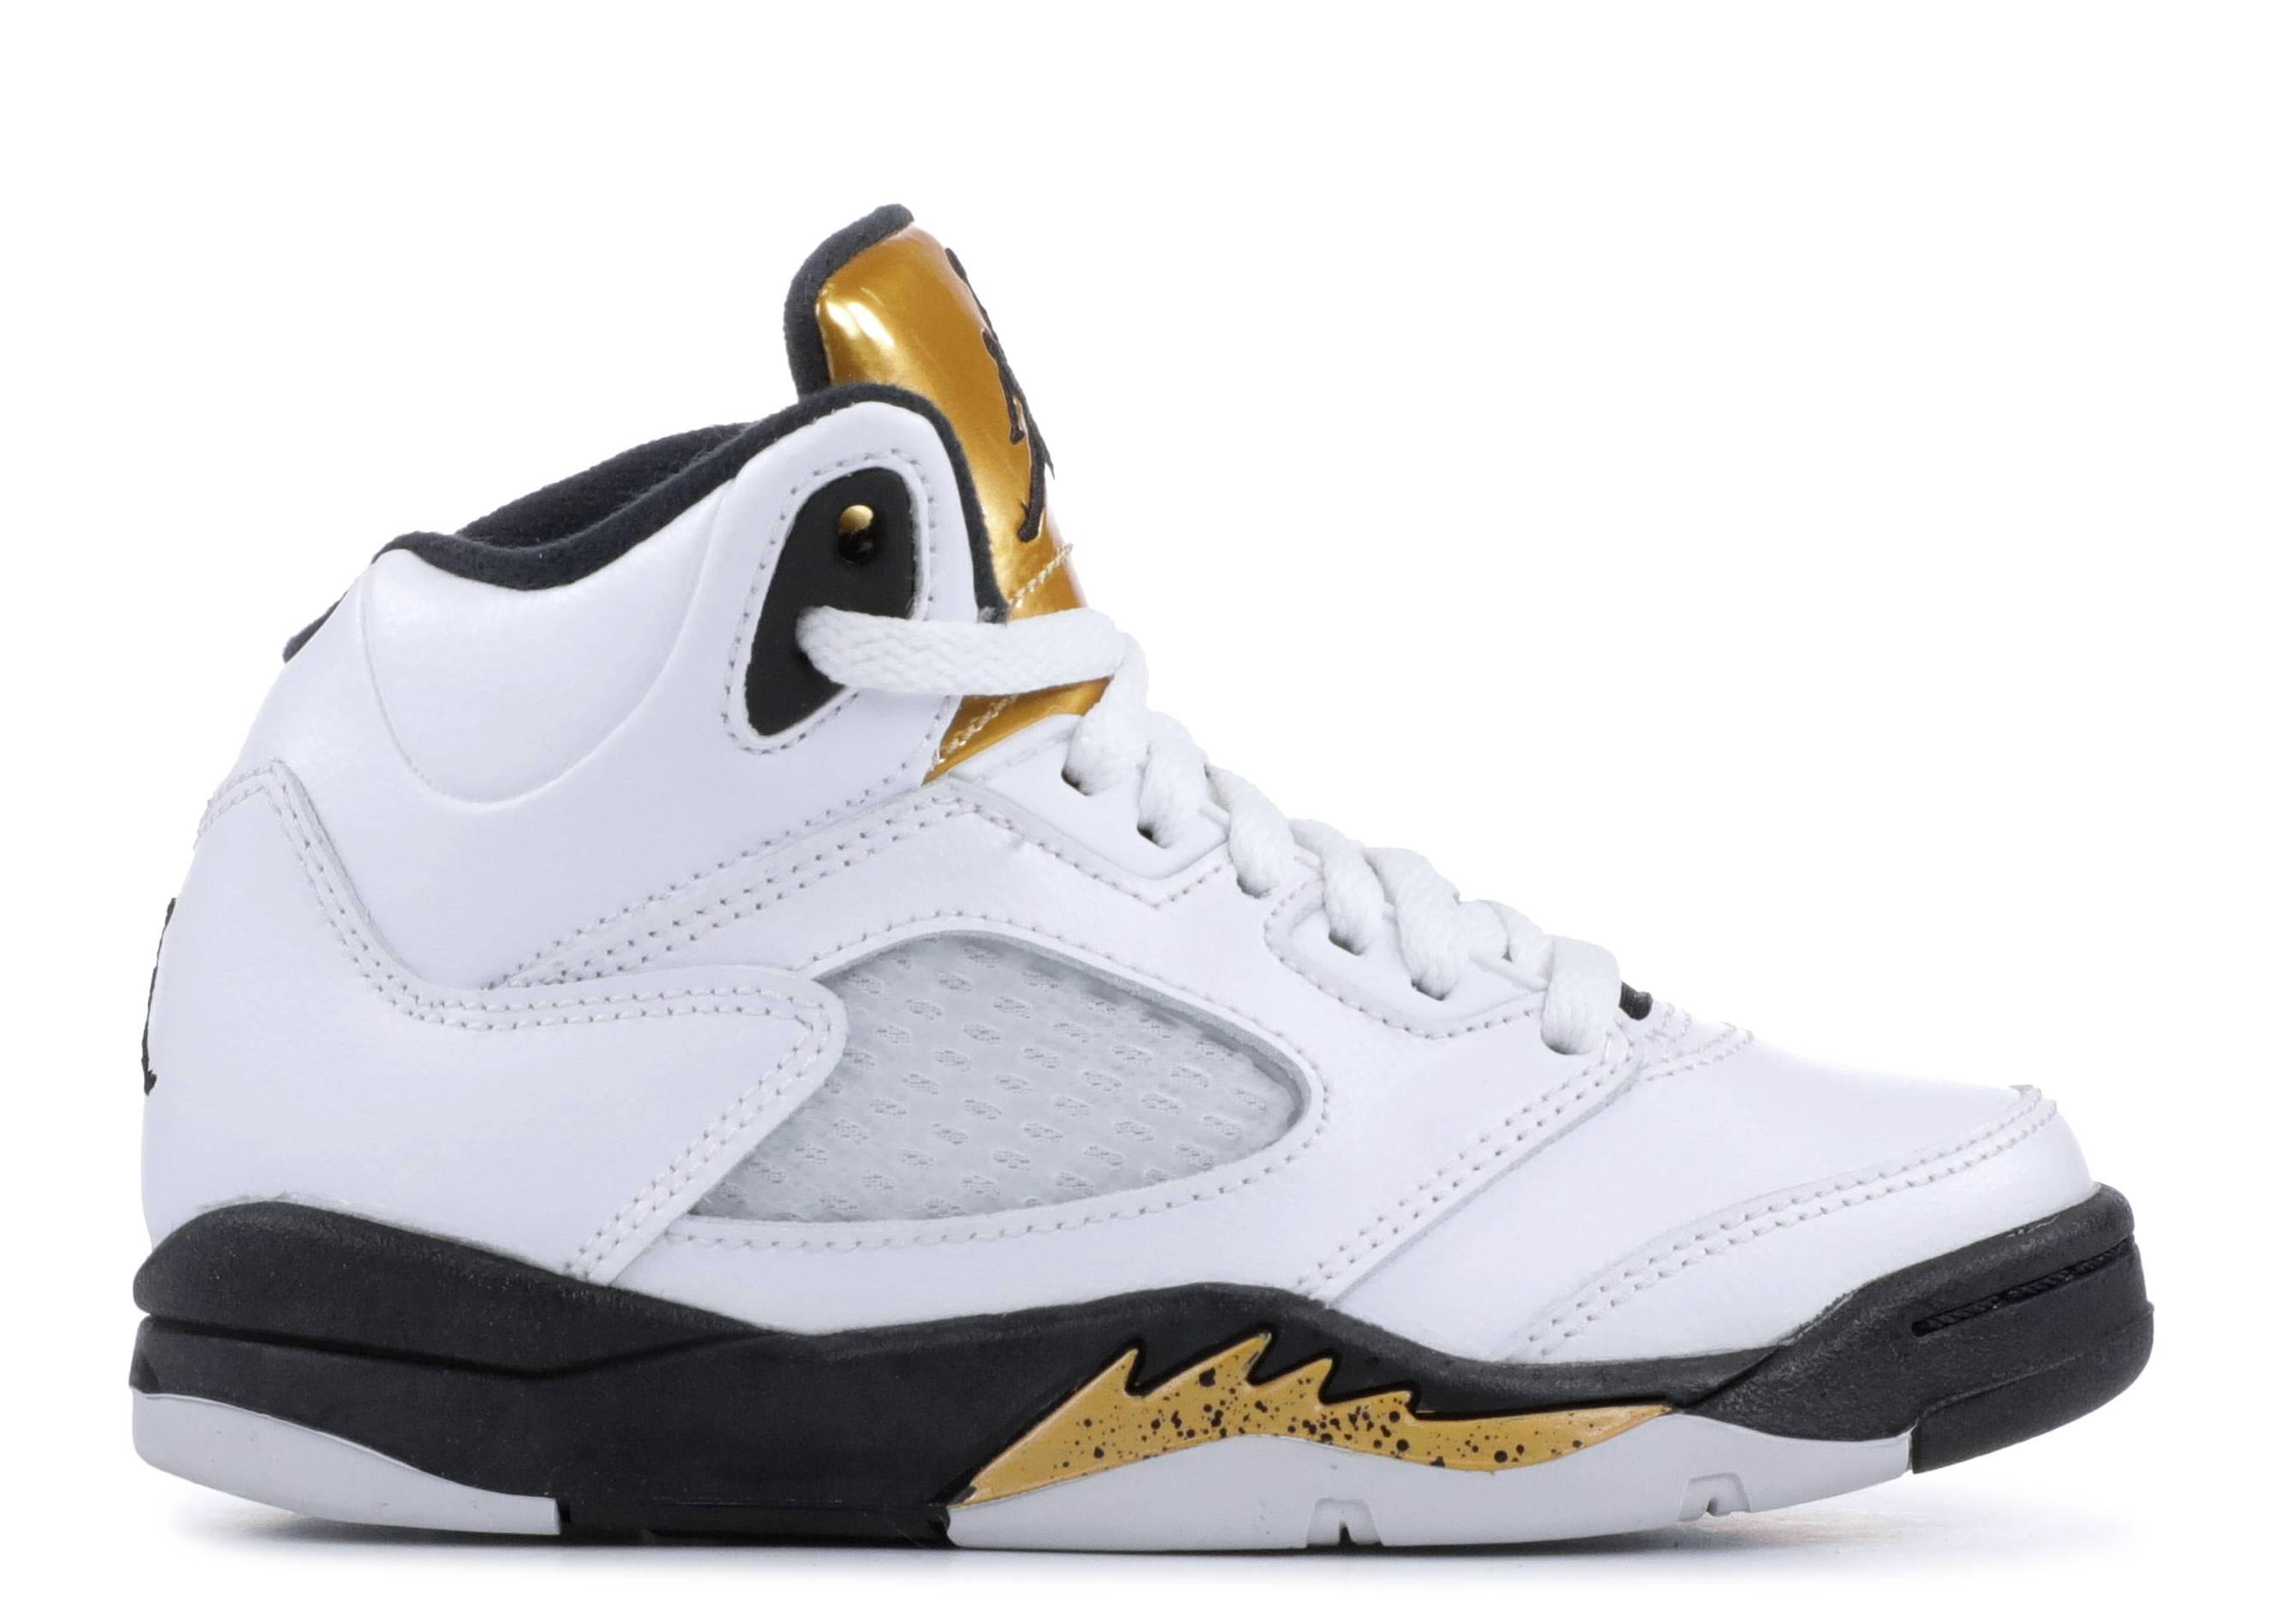 buy online db261 02c4b May 6 Air Jordan 5 Retro BP